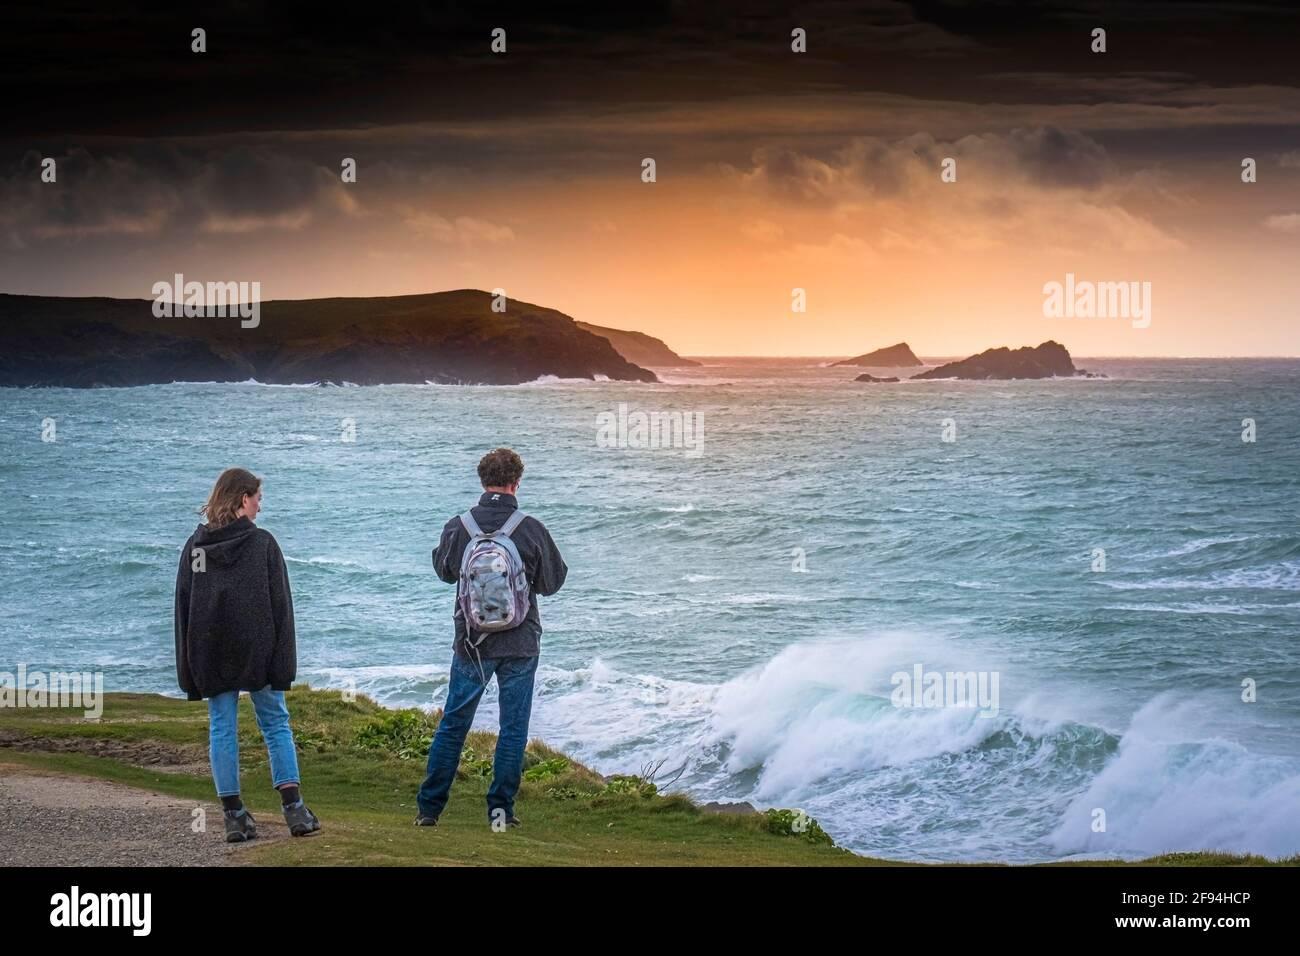 Deux personnes se tenant sur le sentier côtier surplombant la baie Fistral à Newquay, en Cornwall. Banque D'Images